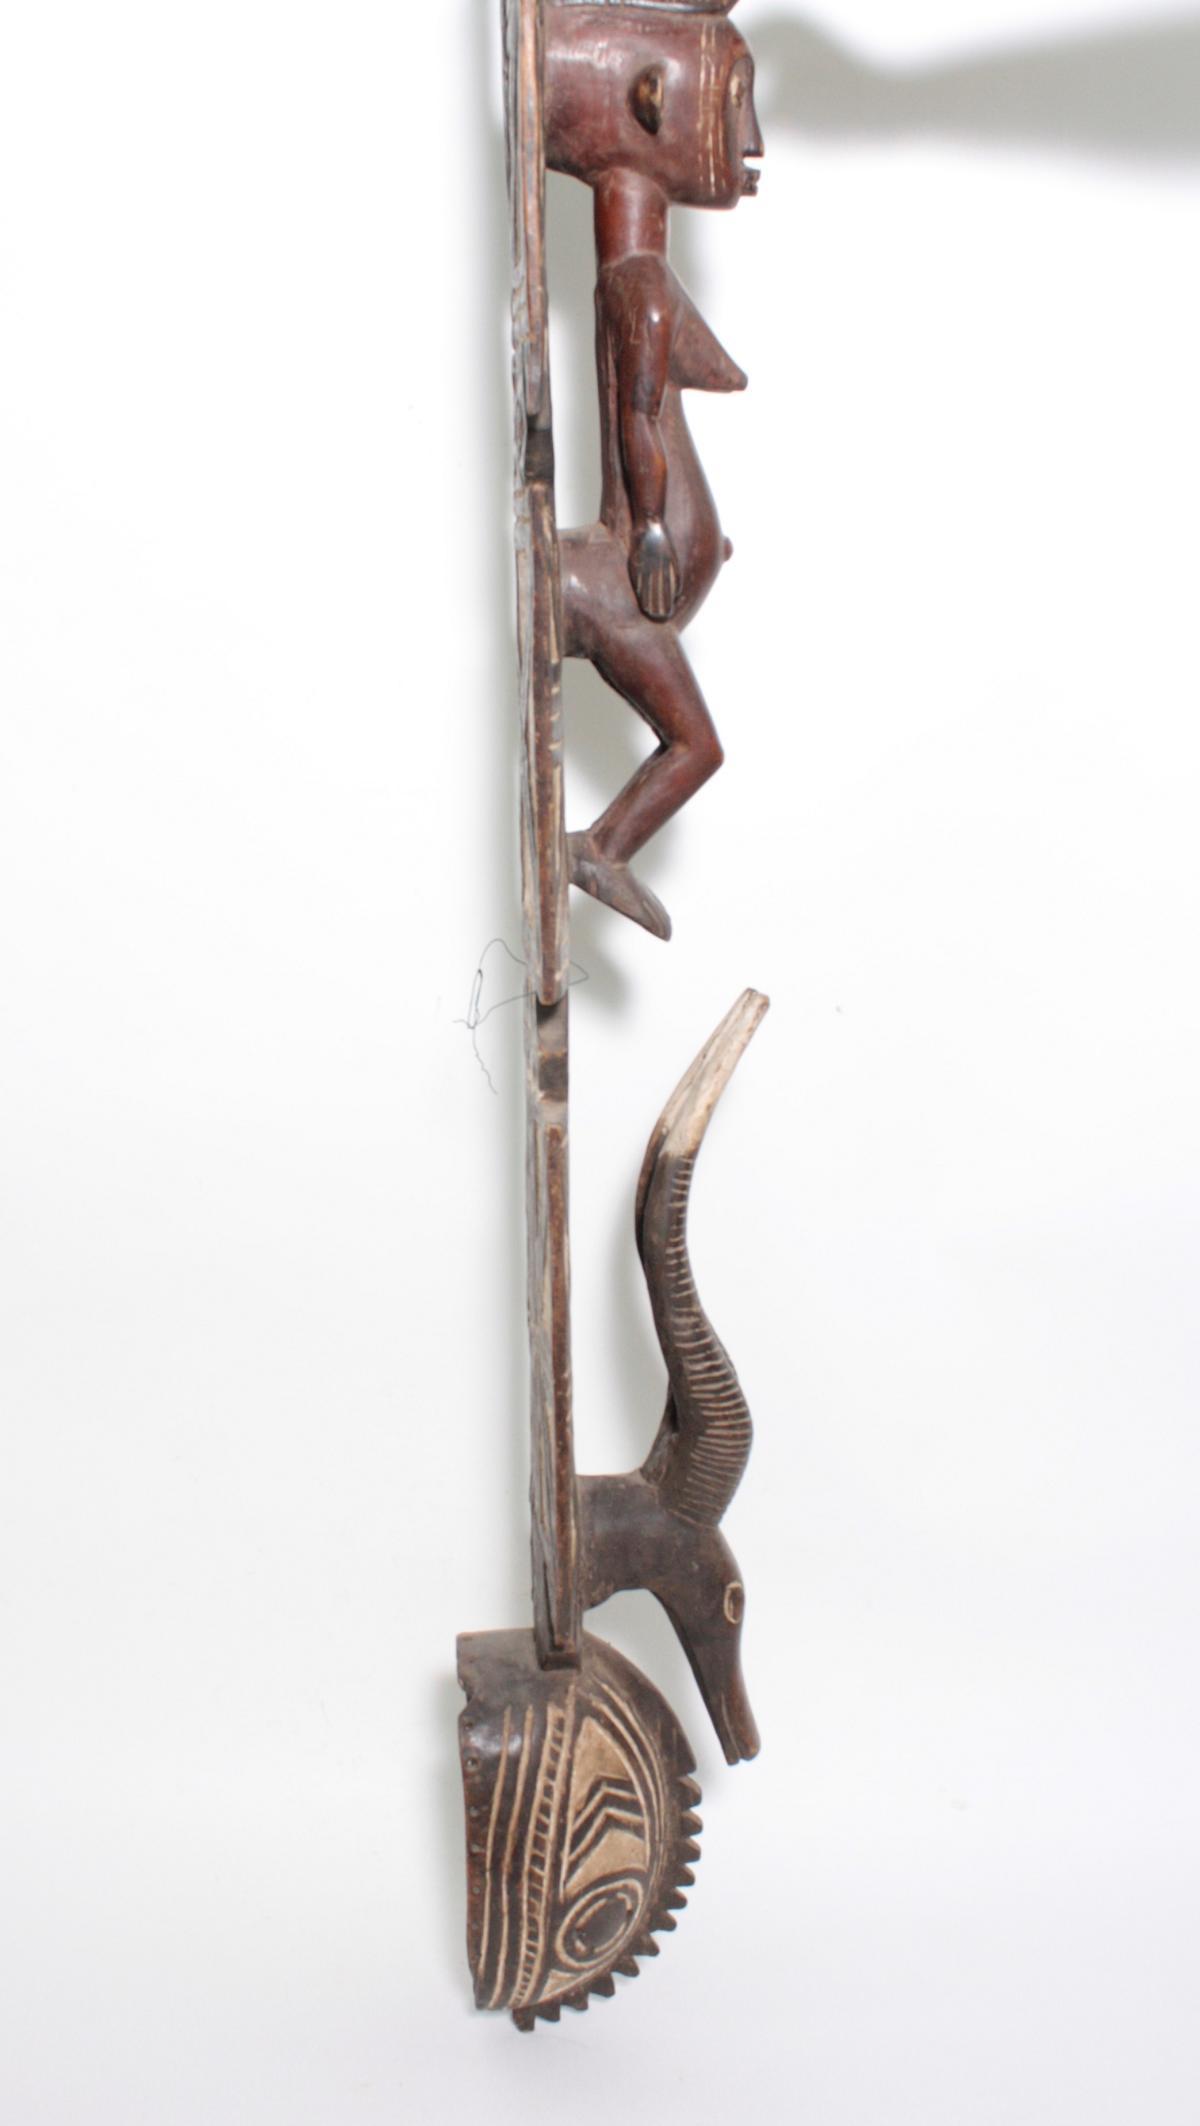 Aufsatz-Tanzmaske, Mossi, Burkina Faso, 1. Hälfte 20. Jh.Holz, geschnitzt. Flach reliefiertes - Bild 4 aus 6